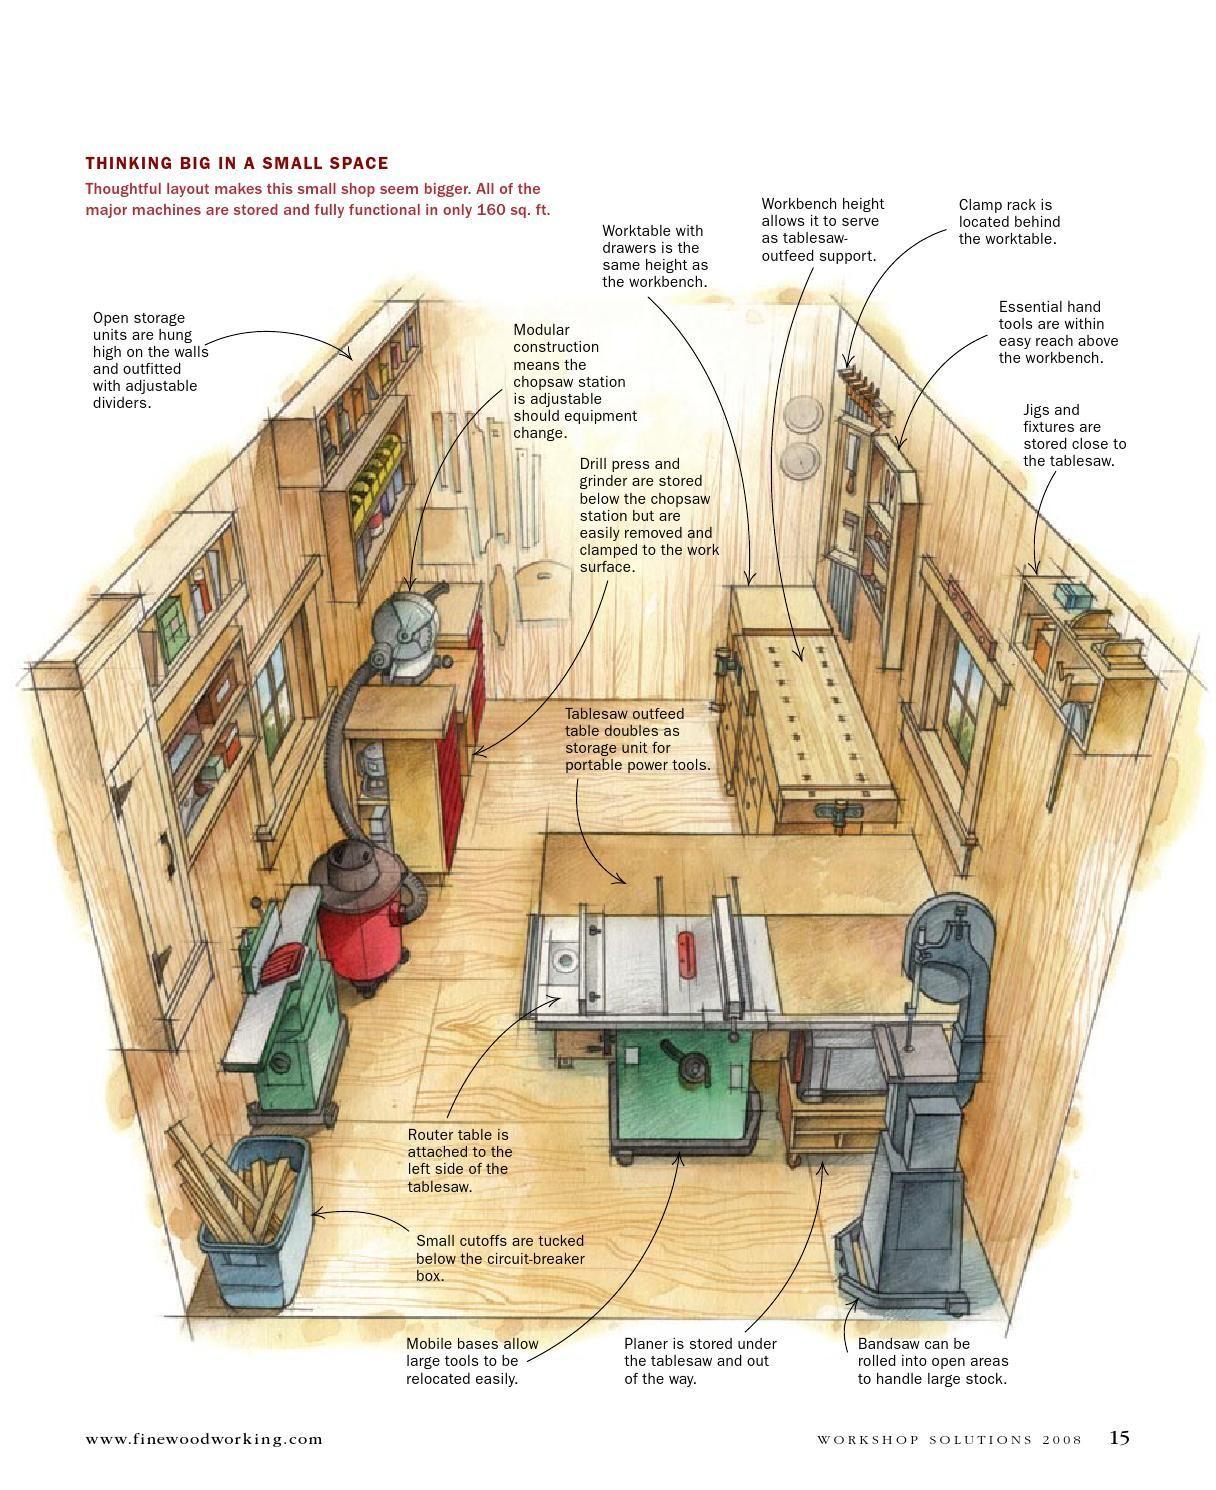 Workshop solutions